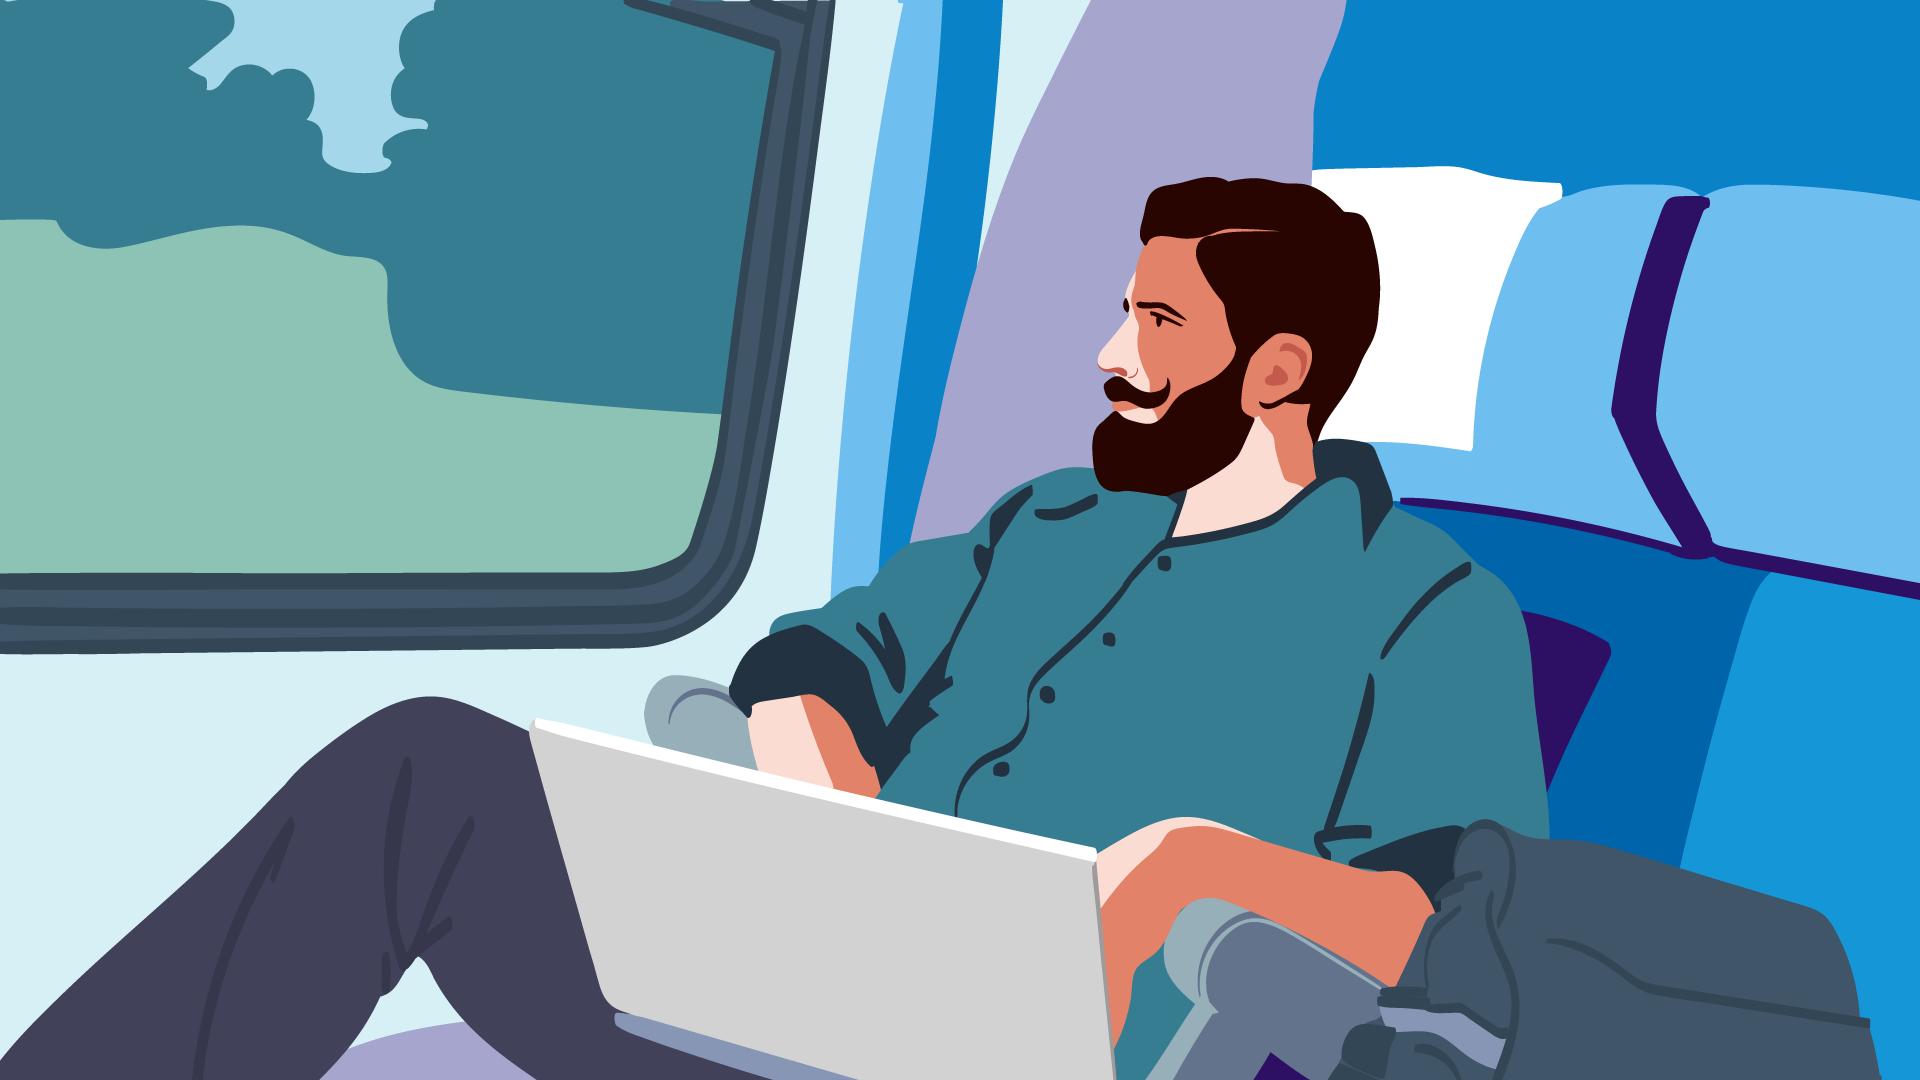 Mann mit grünem Hemd im Zug arbeitet am Laptop, um darzustellen, dass eine Reisekostenabrechnung als Freiberufler wichtig ist.